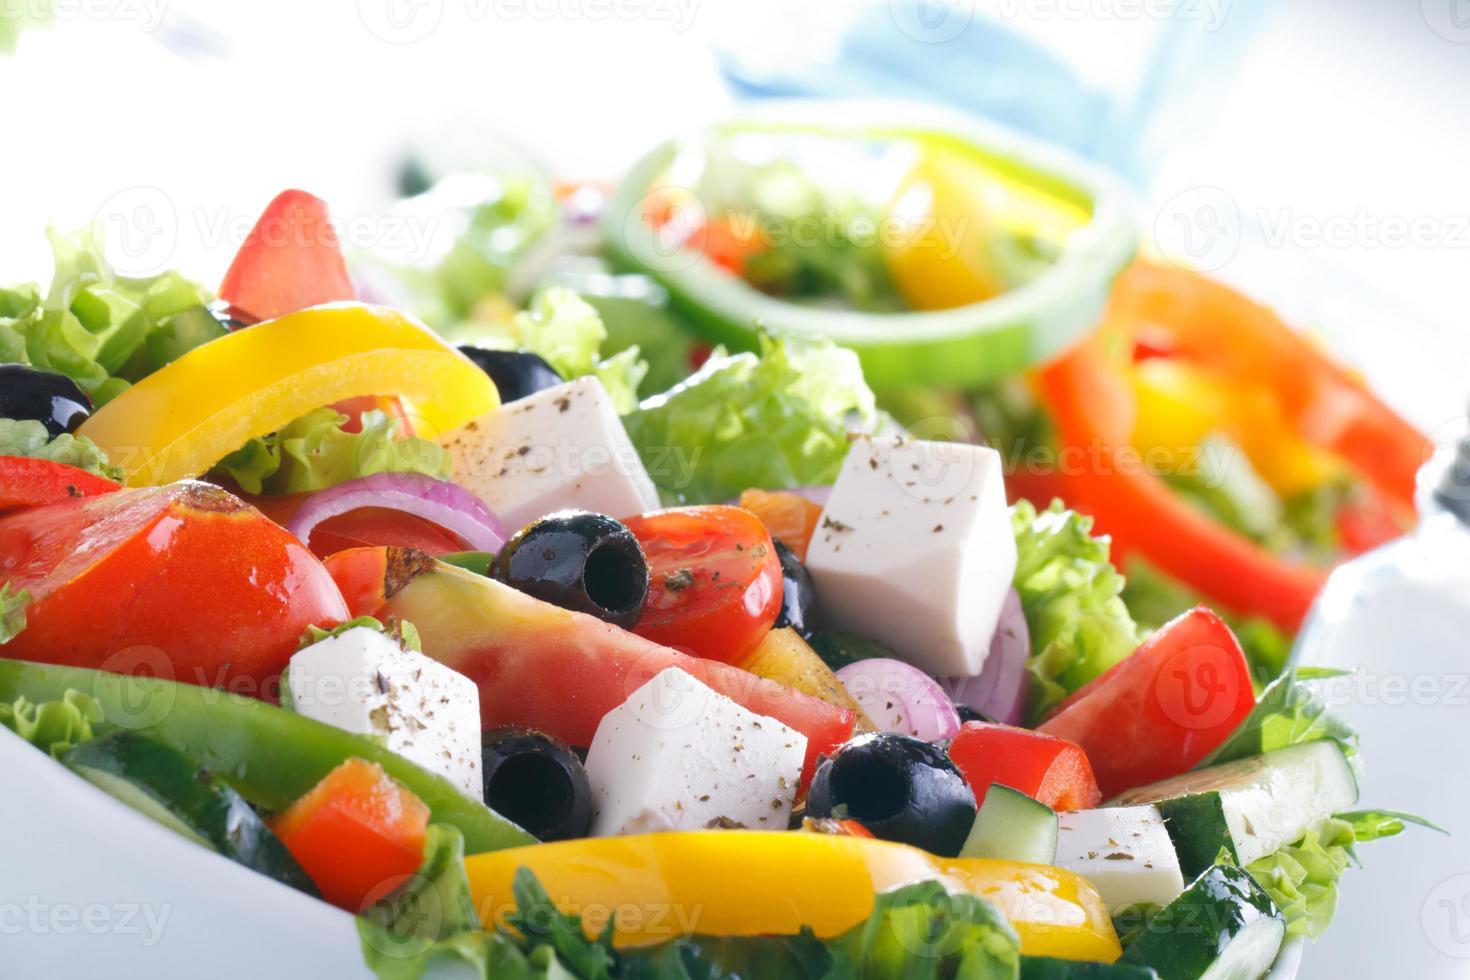 frischer Gemüsesalat (griechischer Salat). nützliche Vitaminnahrung. foto